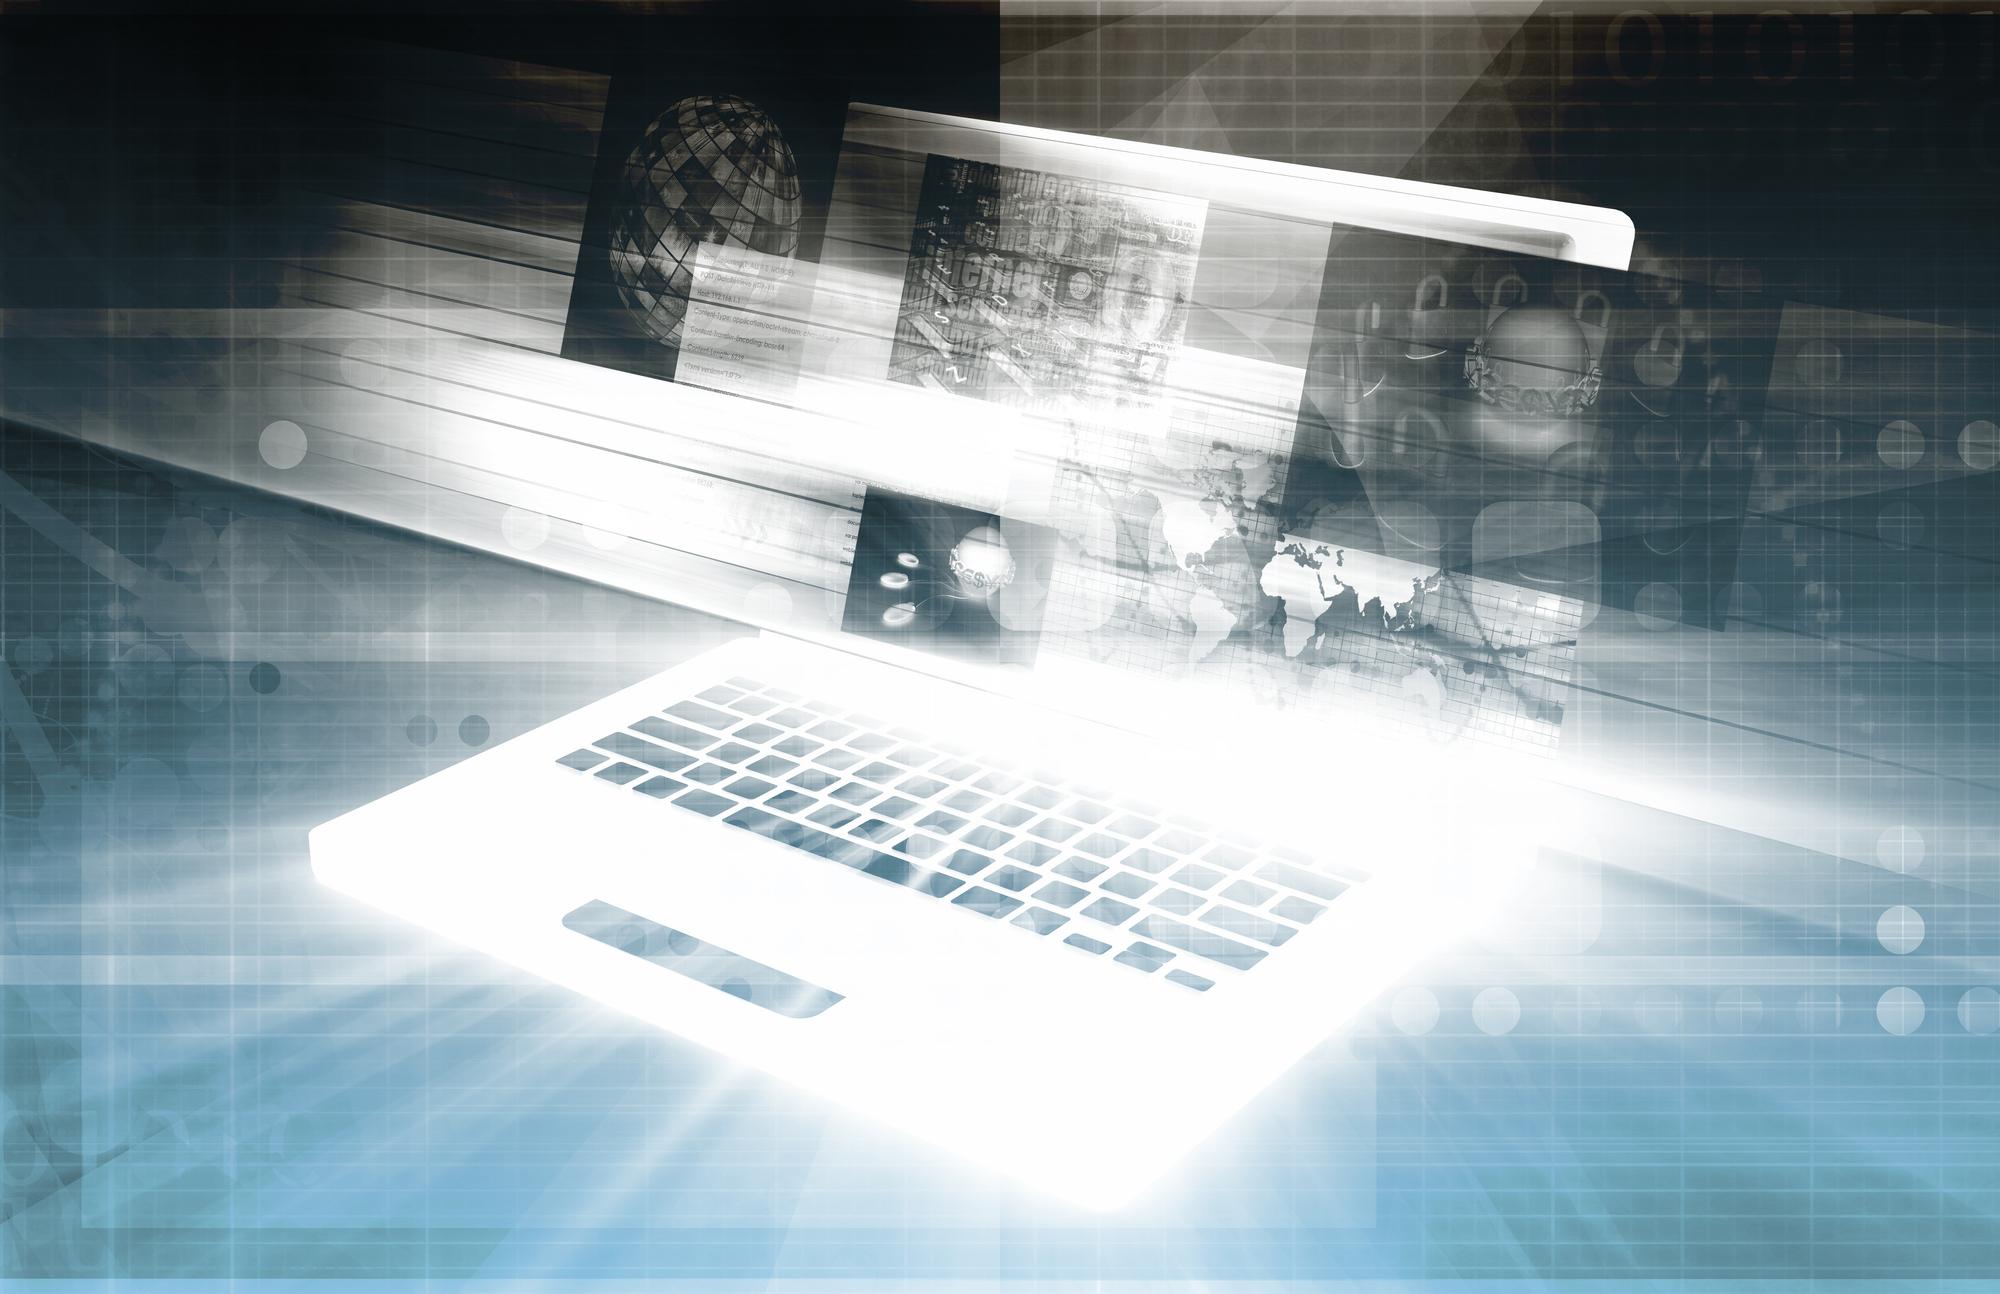 פיתוח תוכנה. אילוסטרציה: depositphotos.com